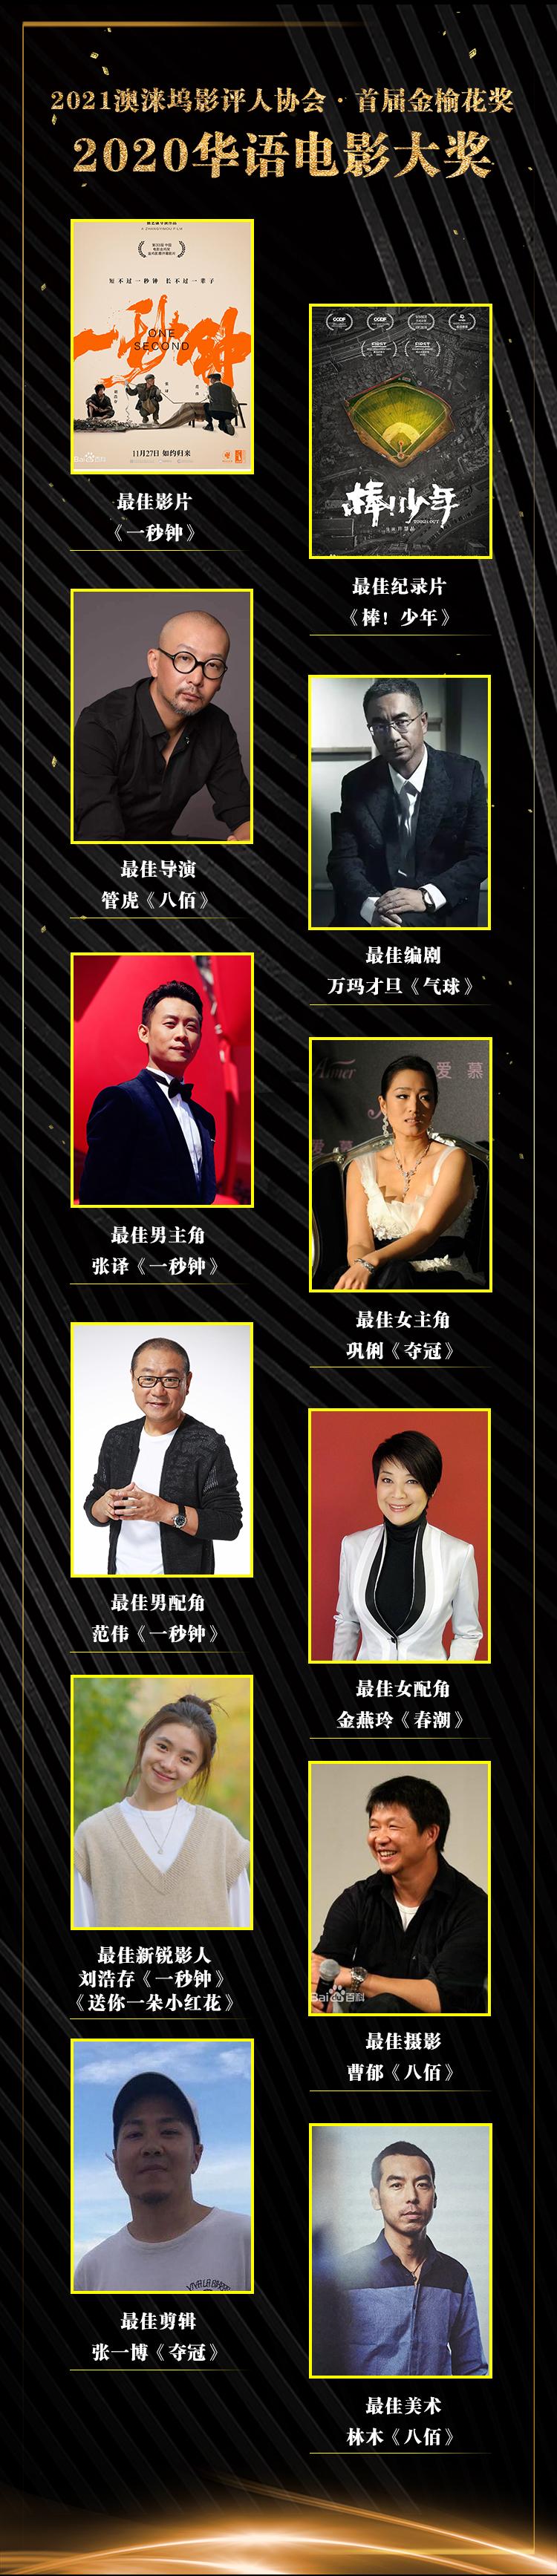 2021年首个华语电影奖评出 《一秒钟》获最佳影片 管虎最佳导演